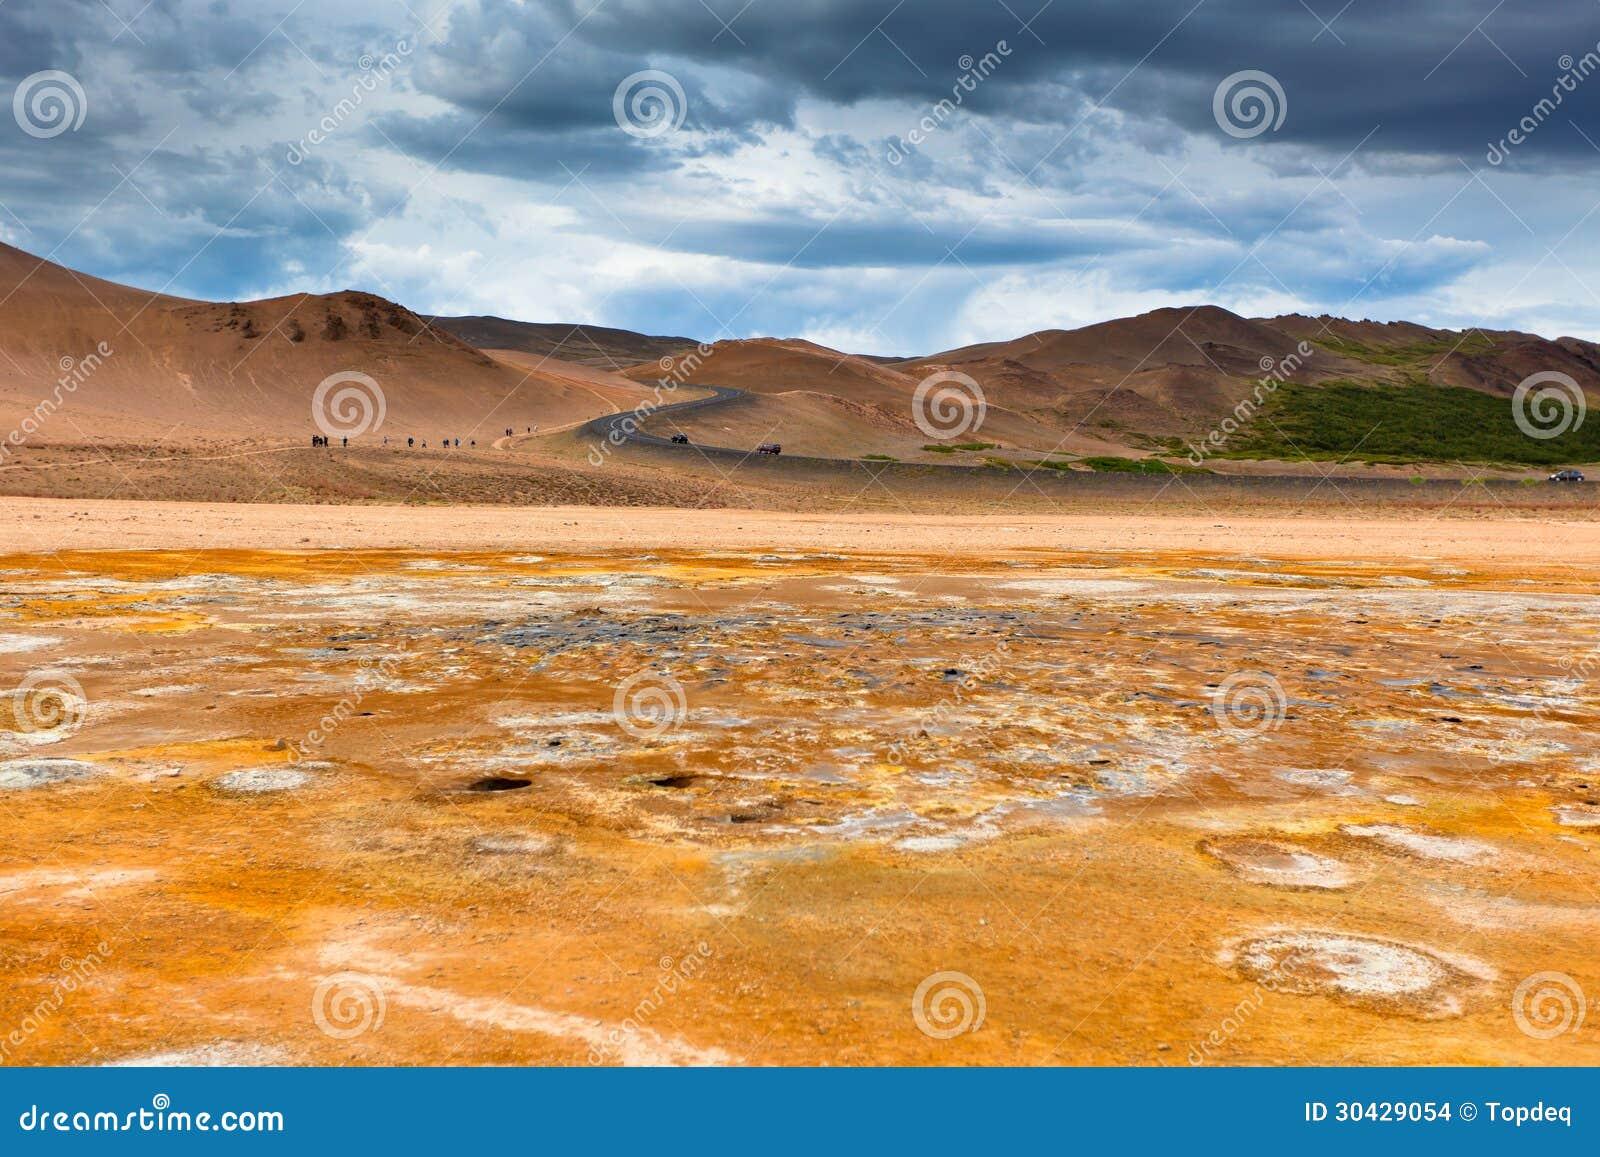 Namafjall, een Geothermisch Gebied met Zwavelgebieden in IJsland